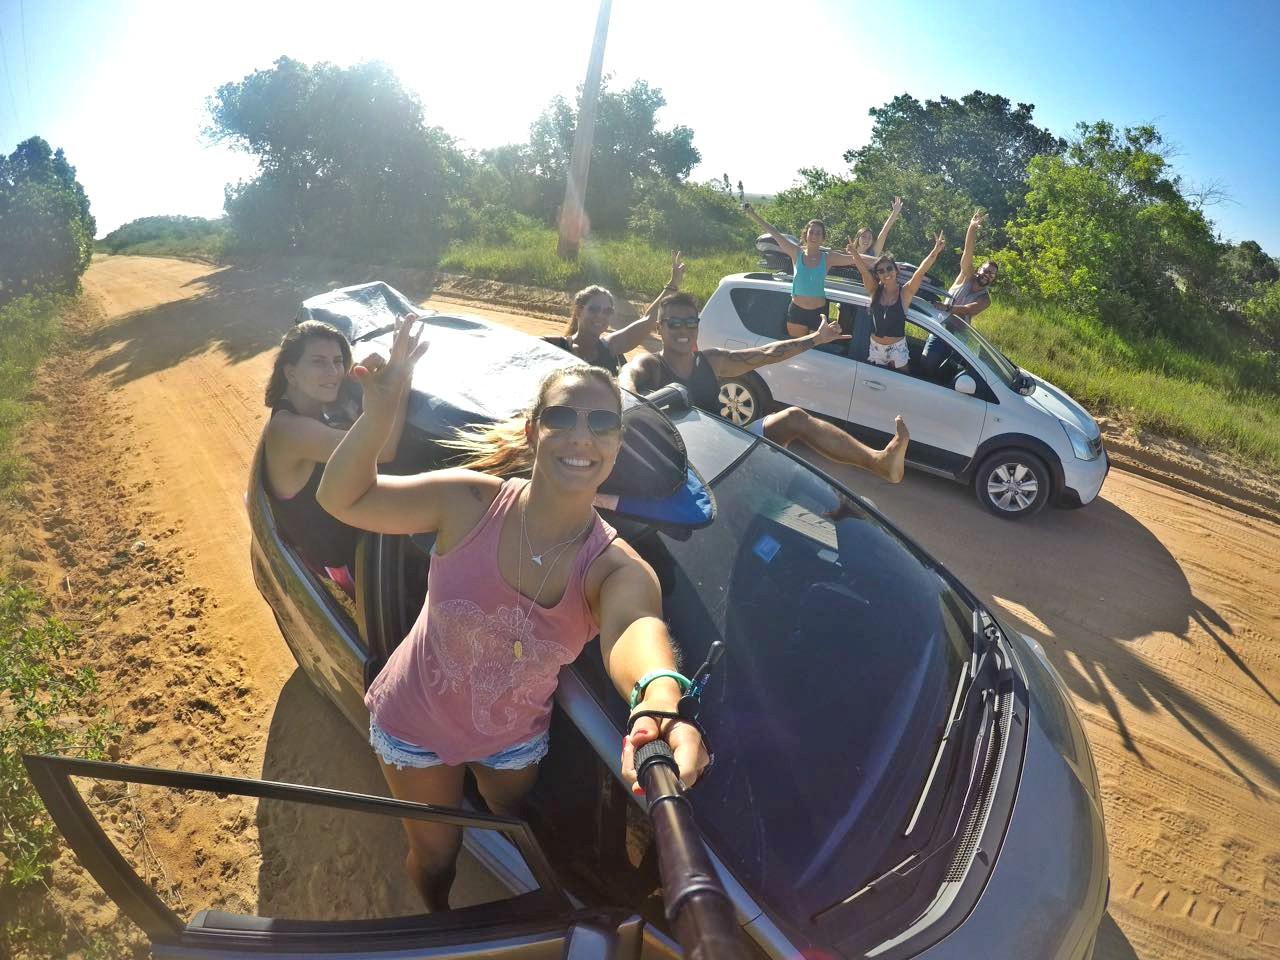 viagem de carro até a bahia, road trip para a bahia, itacar;e, caraiva, viagem para itacaré, o que fazer em itacaré, como ir de carro para a bahia, vestindo a alma, blog de lifestyle, blog de surf, blog de viagens